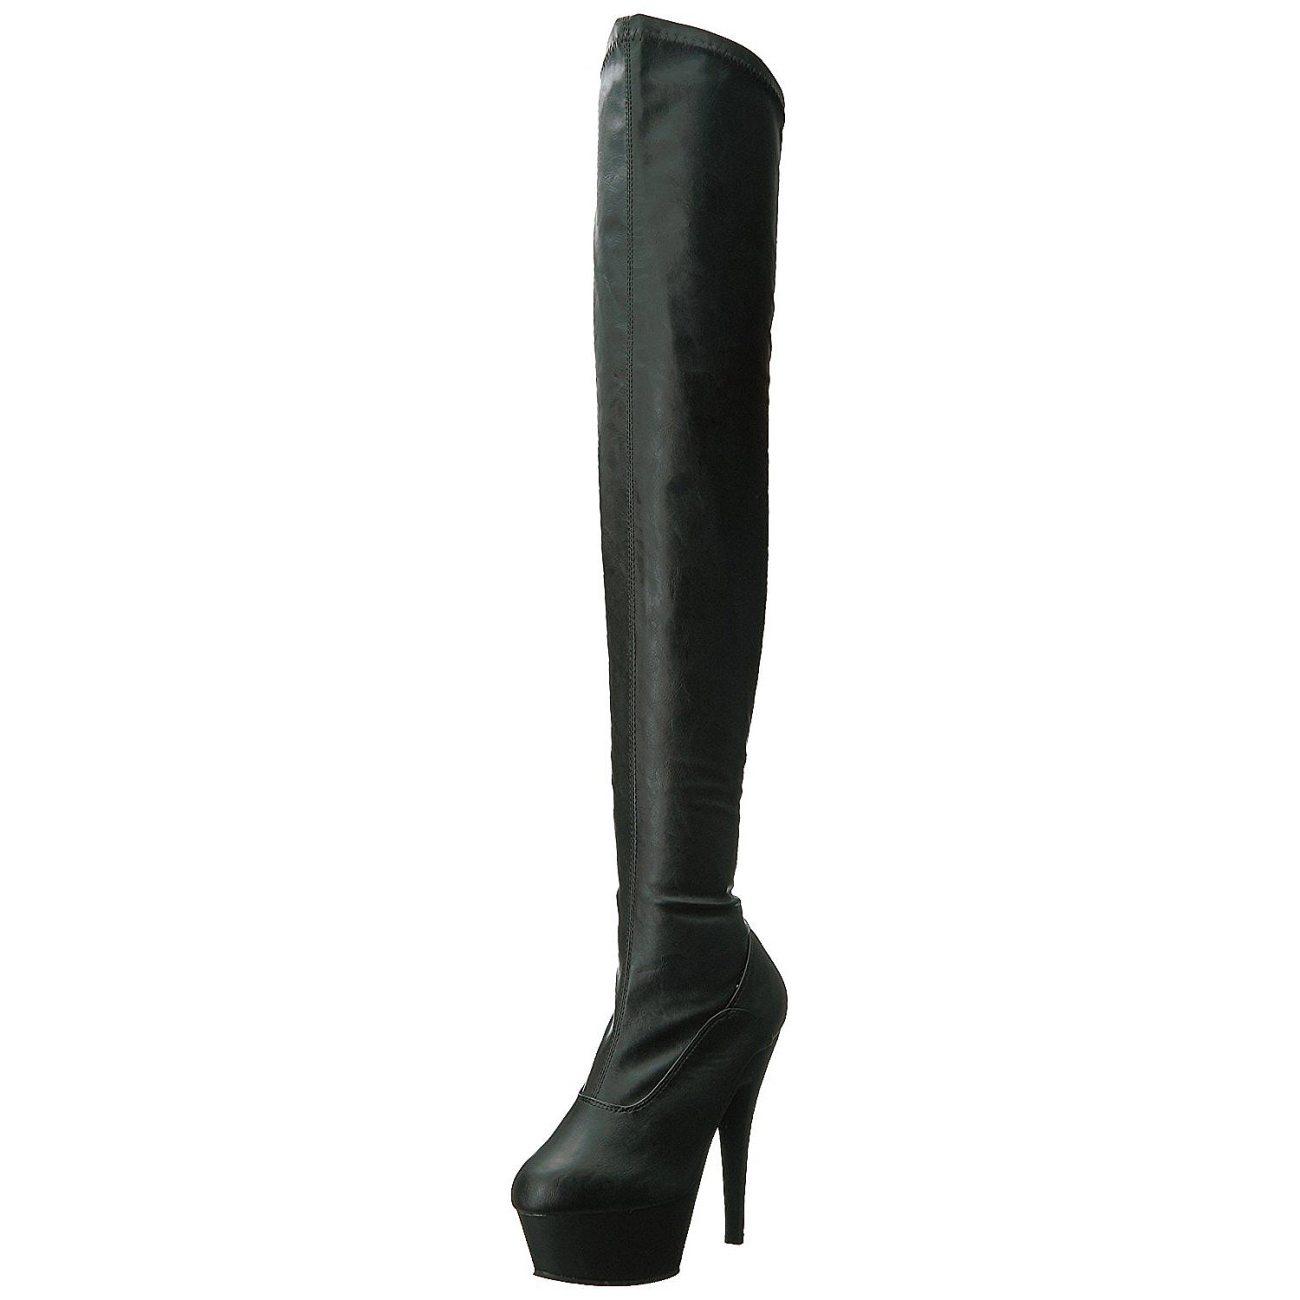 svart kunstlær 15 cm KISS 3000 lårhøye støvletter med høy hæl